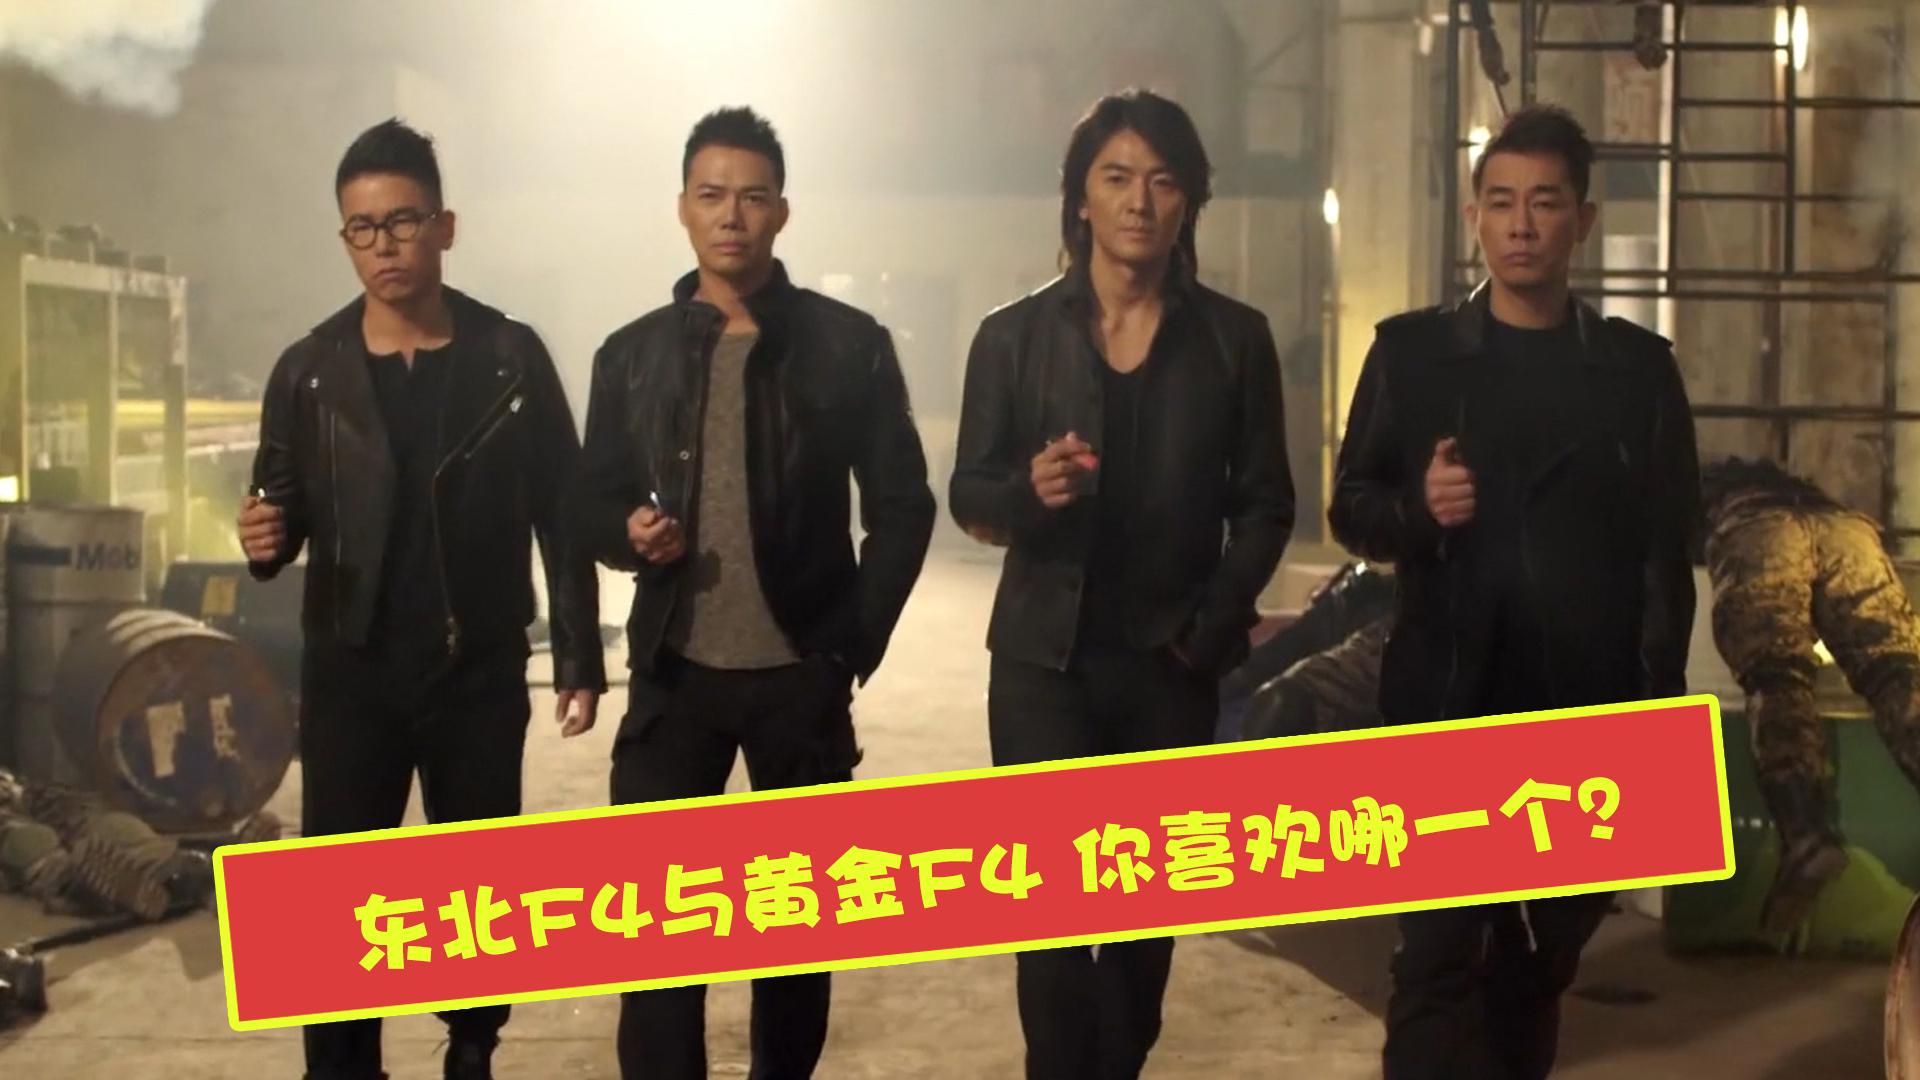 煎饼侠:陈浩南山鸡黄金四兄弟帅气出场,点燃了多少人的青春记忆